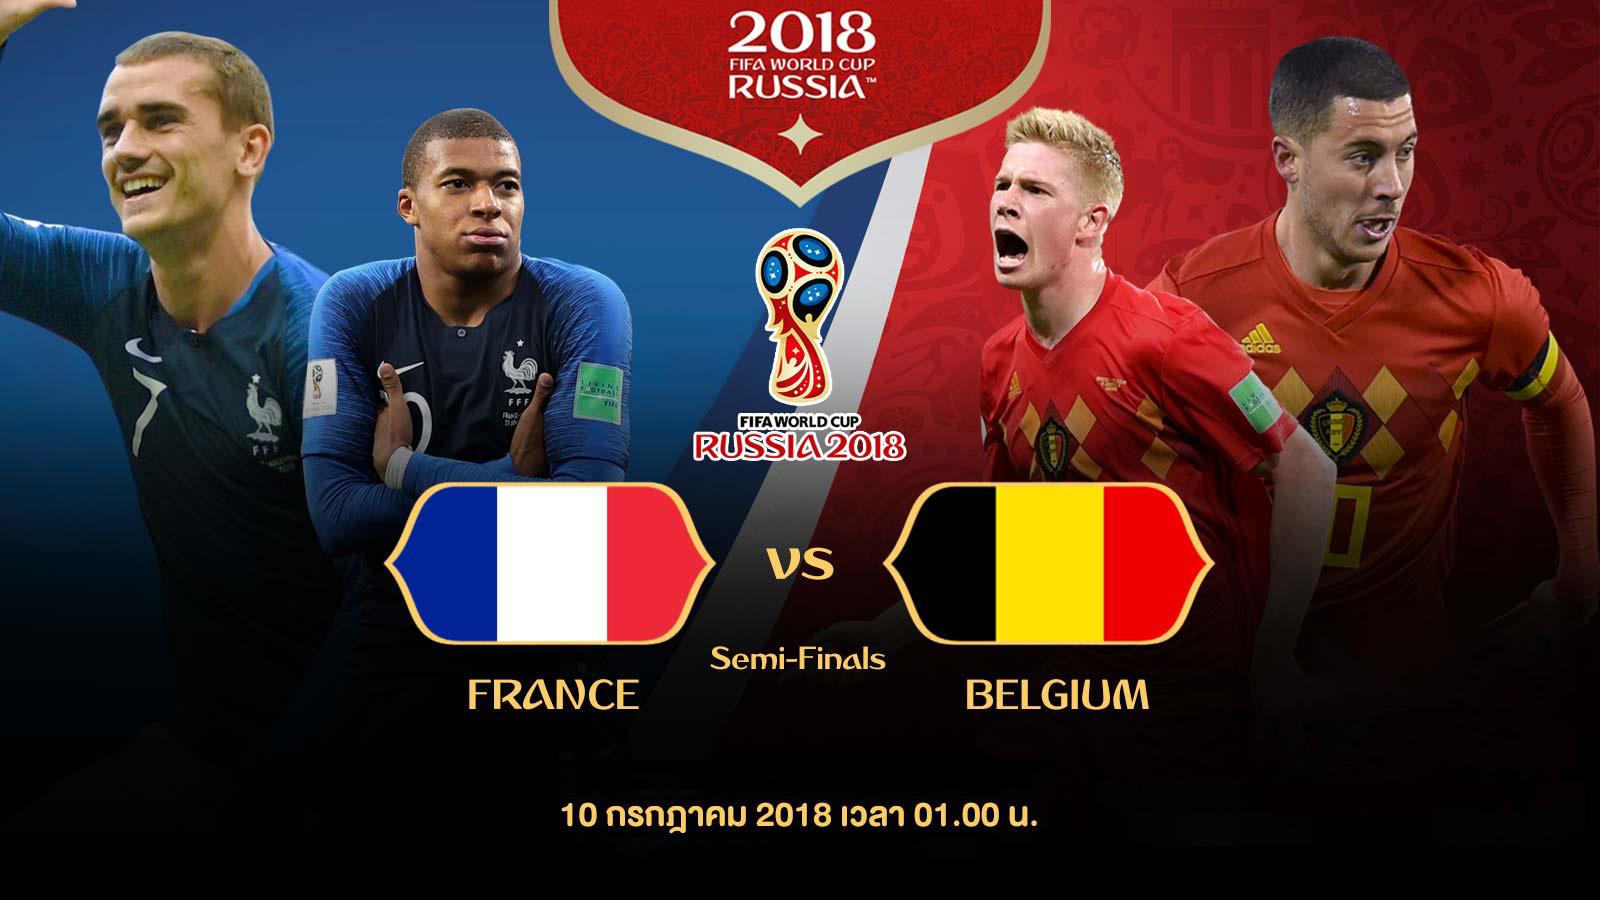 วิเคราะห์บอลโลก ฝรั่งเศส vs เบลเยียม